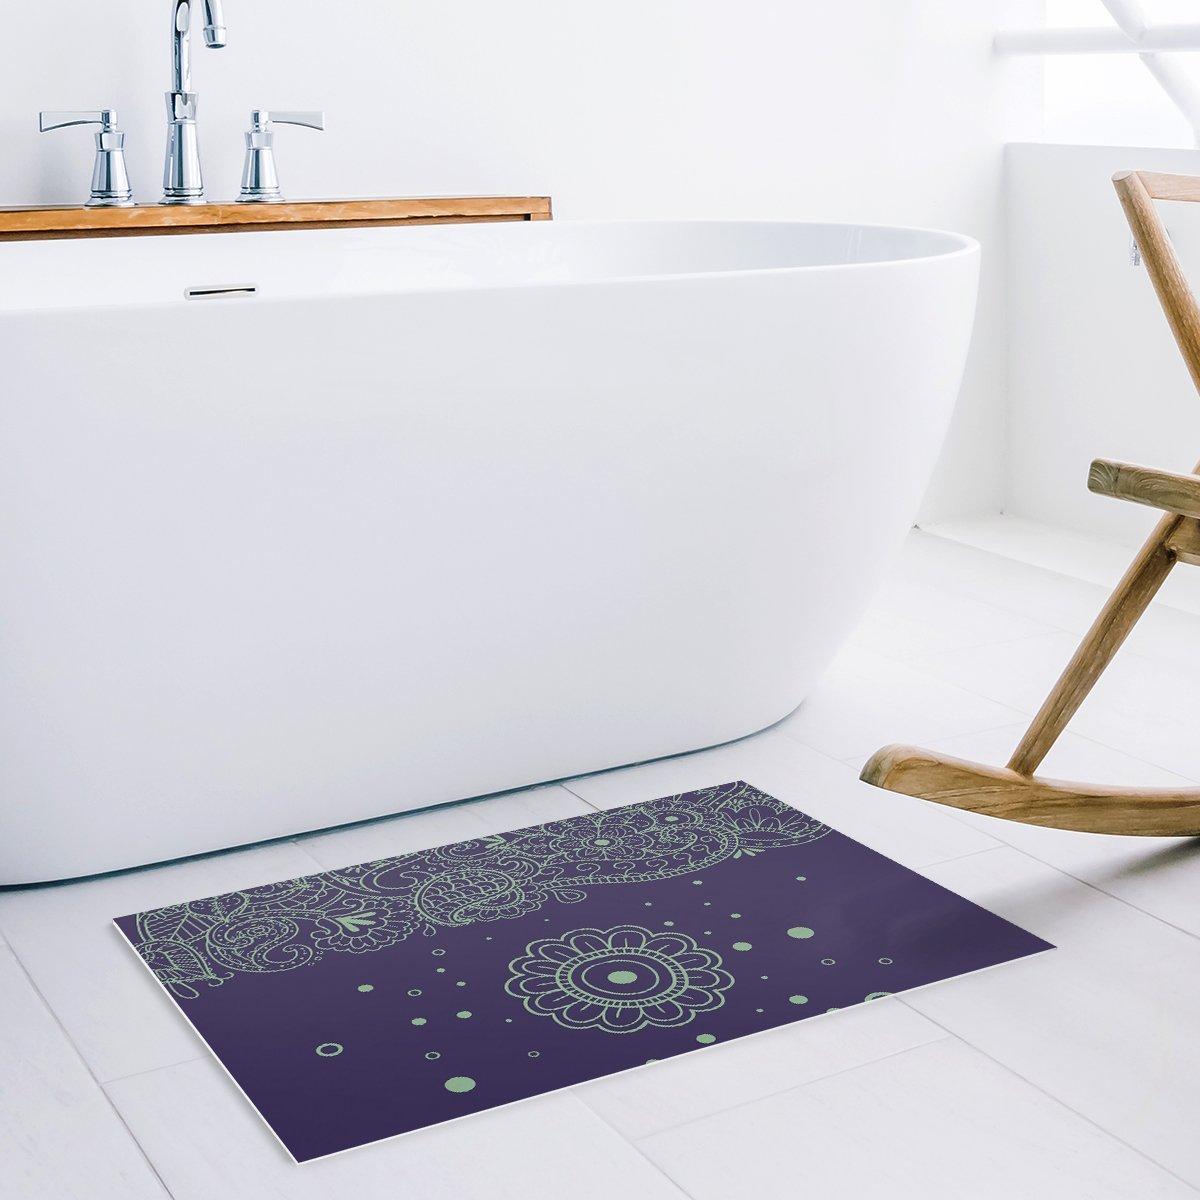 Vintage Mandala Flower Decortaive Door Mats Kitchen Floor Bath Entrance Rug Mat Absorbent Indoor Bathroom Decor Doormats